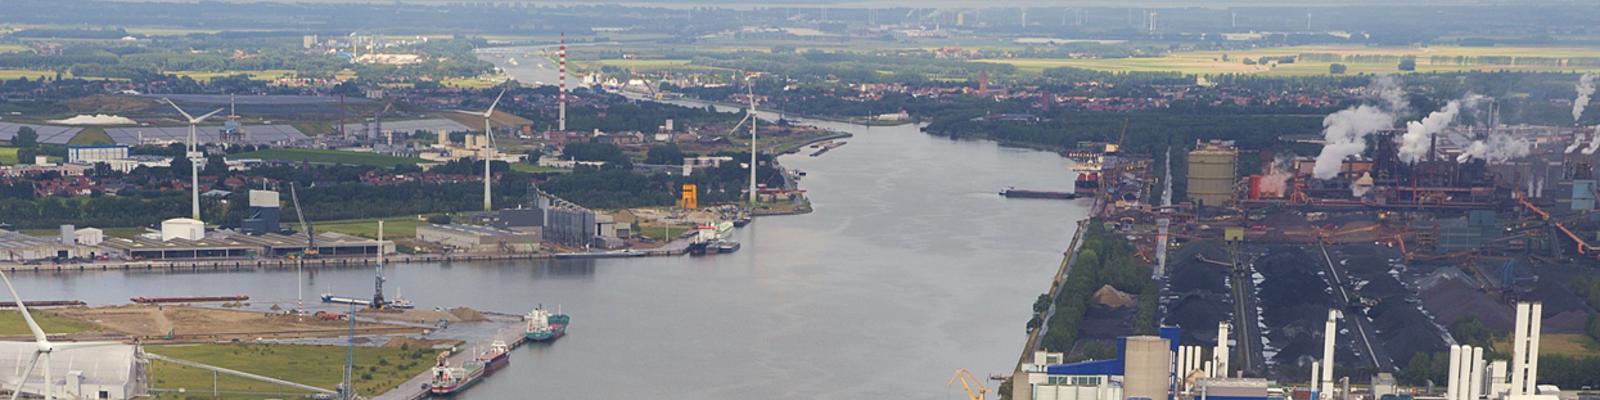 Beeld North Sea Port 2 niet vrij te gebruiken